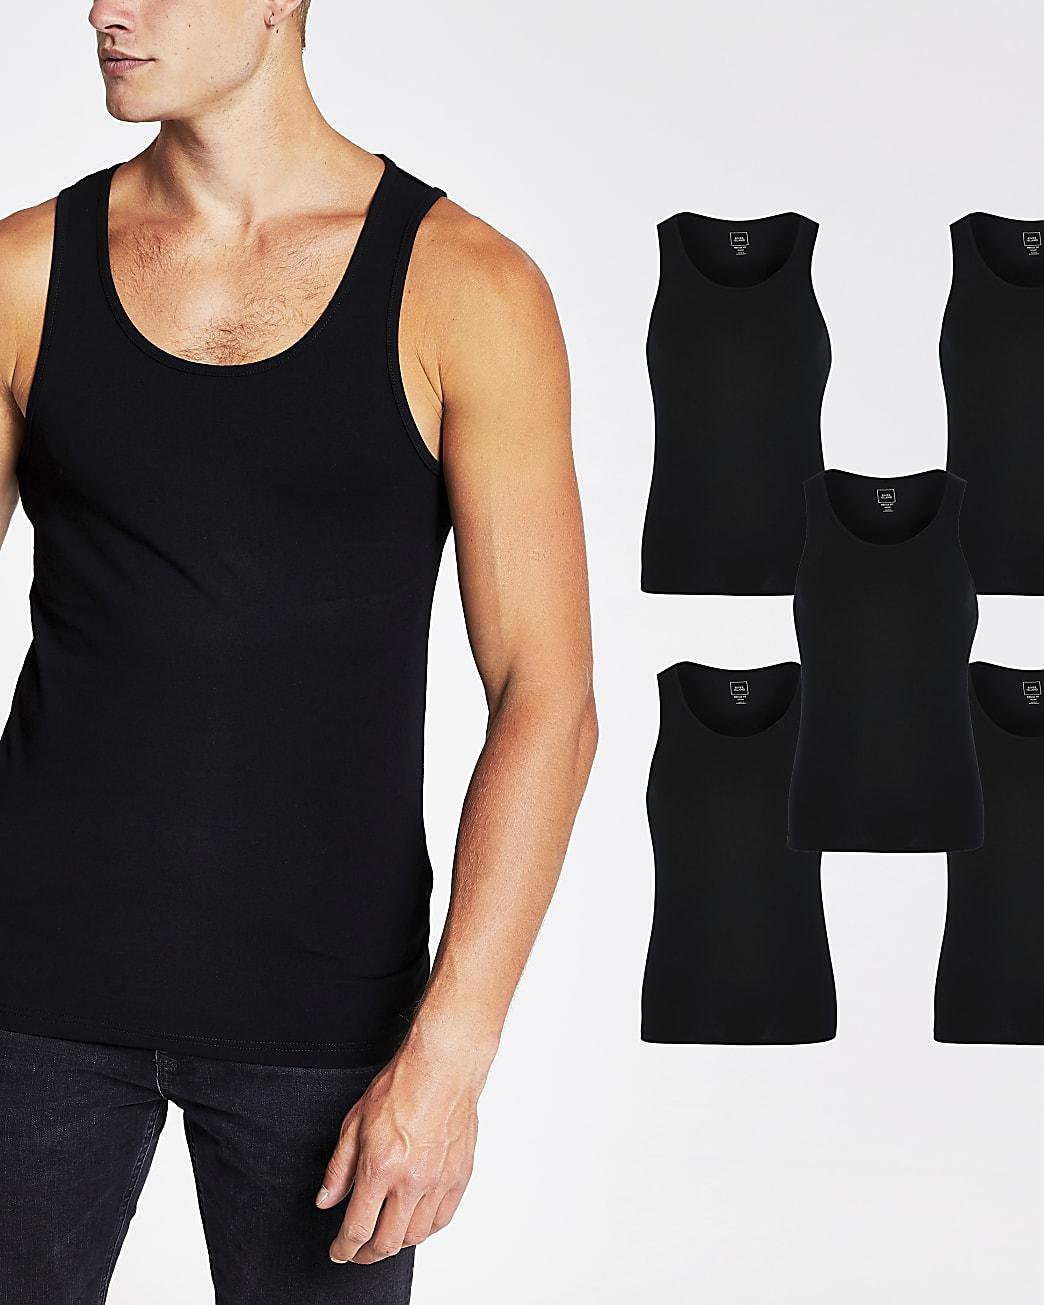 Black muscle fit vest 5 Pack